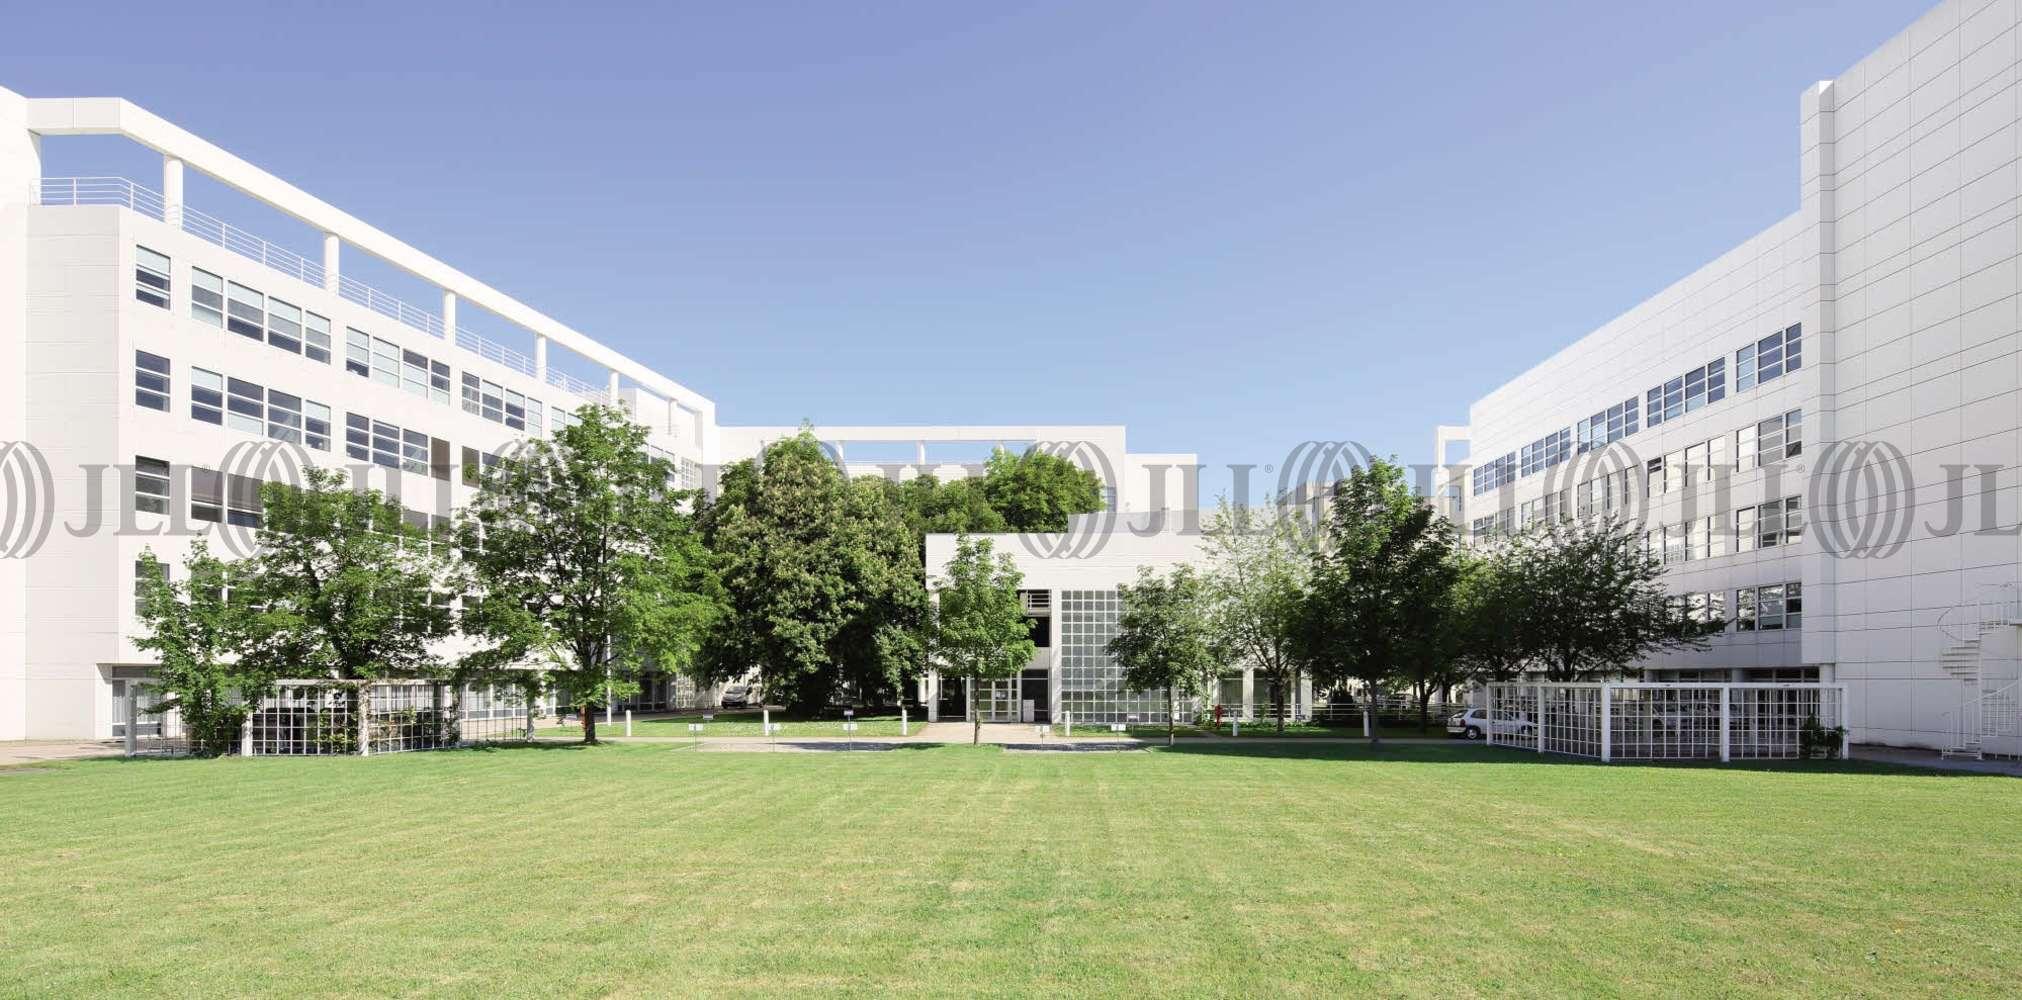 Büros München, 81379